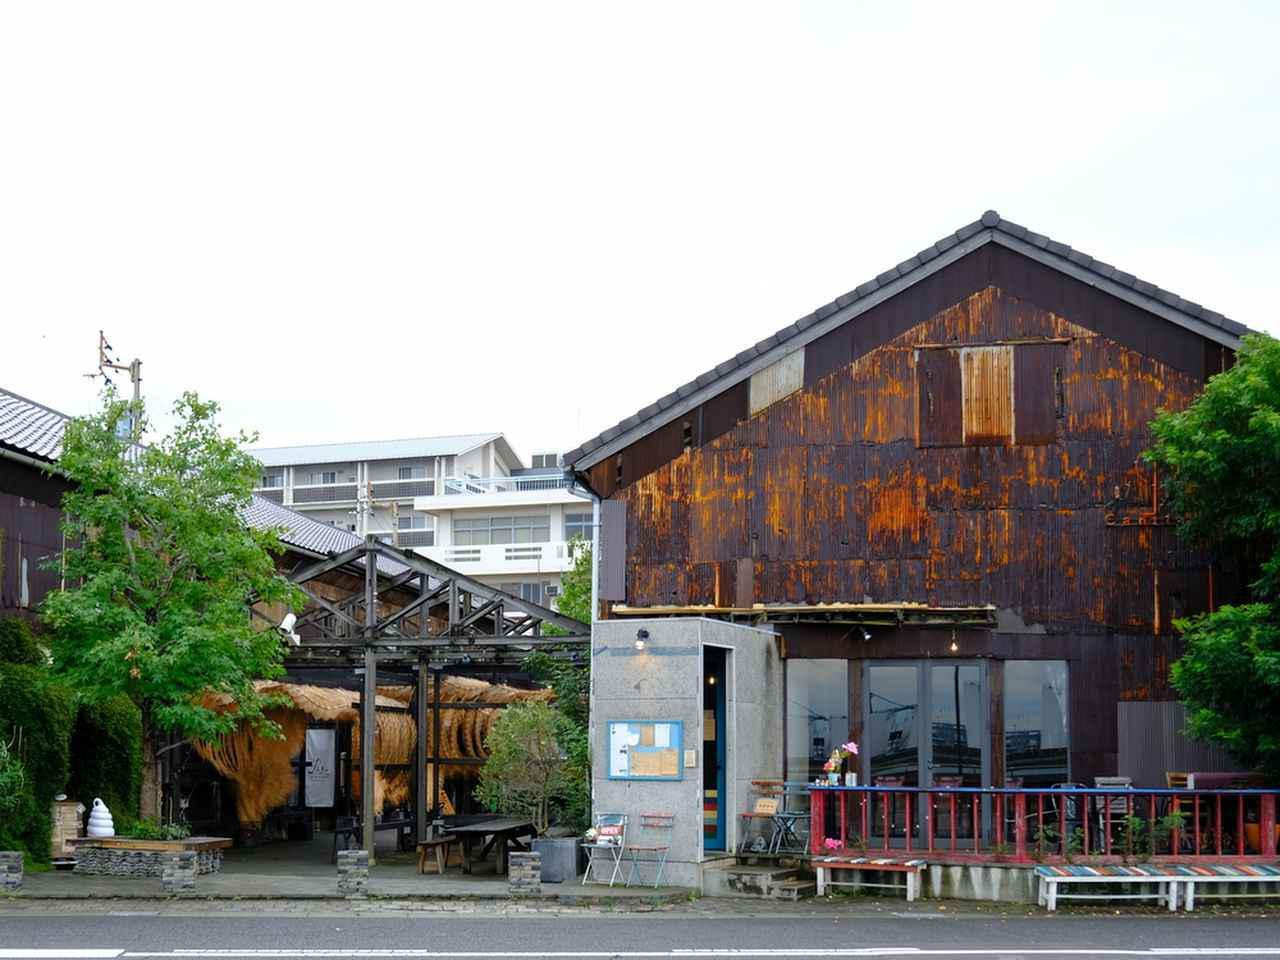 画像: 港町の倉庫や空きビルをおしゃれにリノベーションした「北浜alley」へ。JR高松駅、ことでん高松築港駅からそれぞれ徒歩10分ほど。